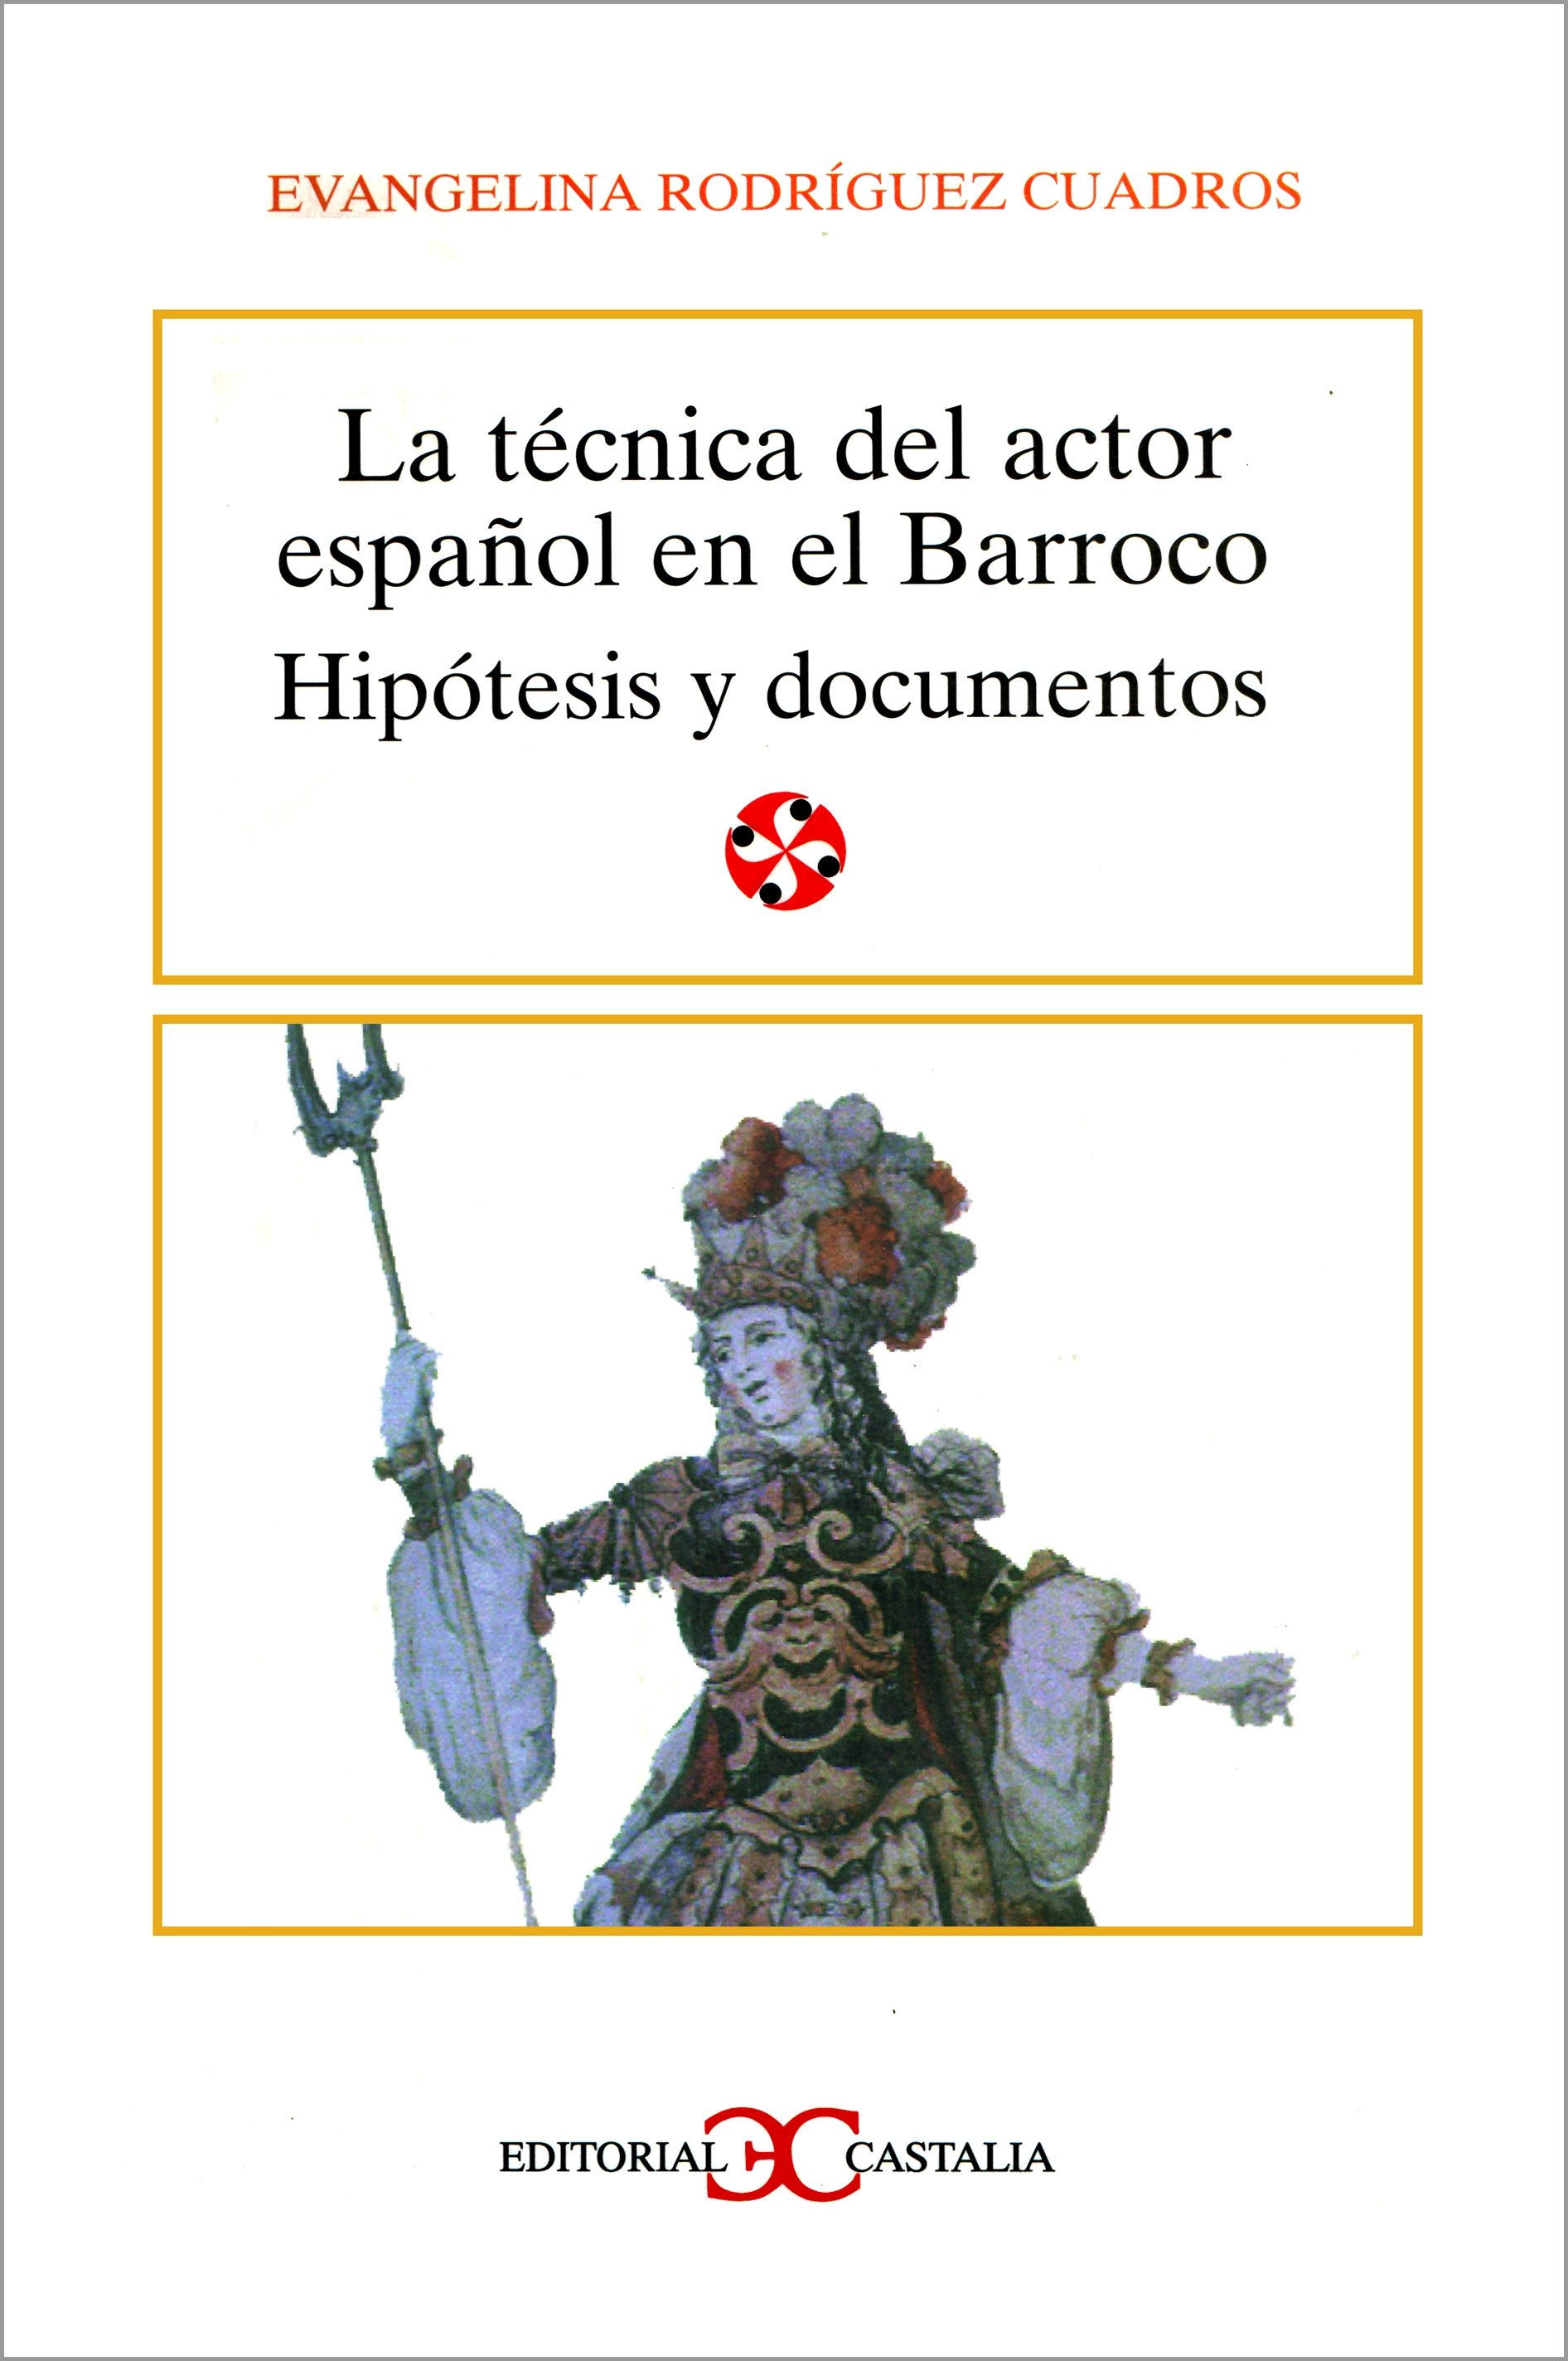 La técnica del actor español en el Barroco